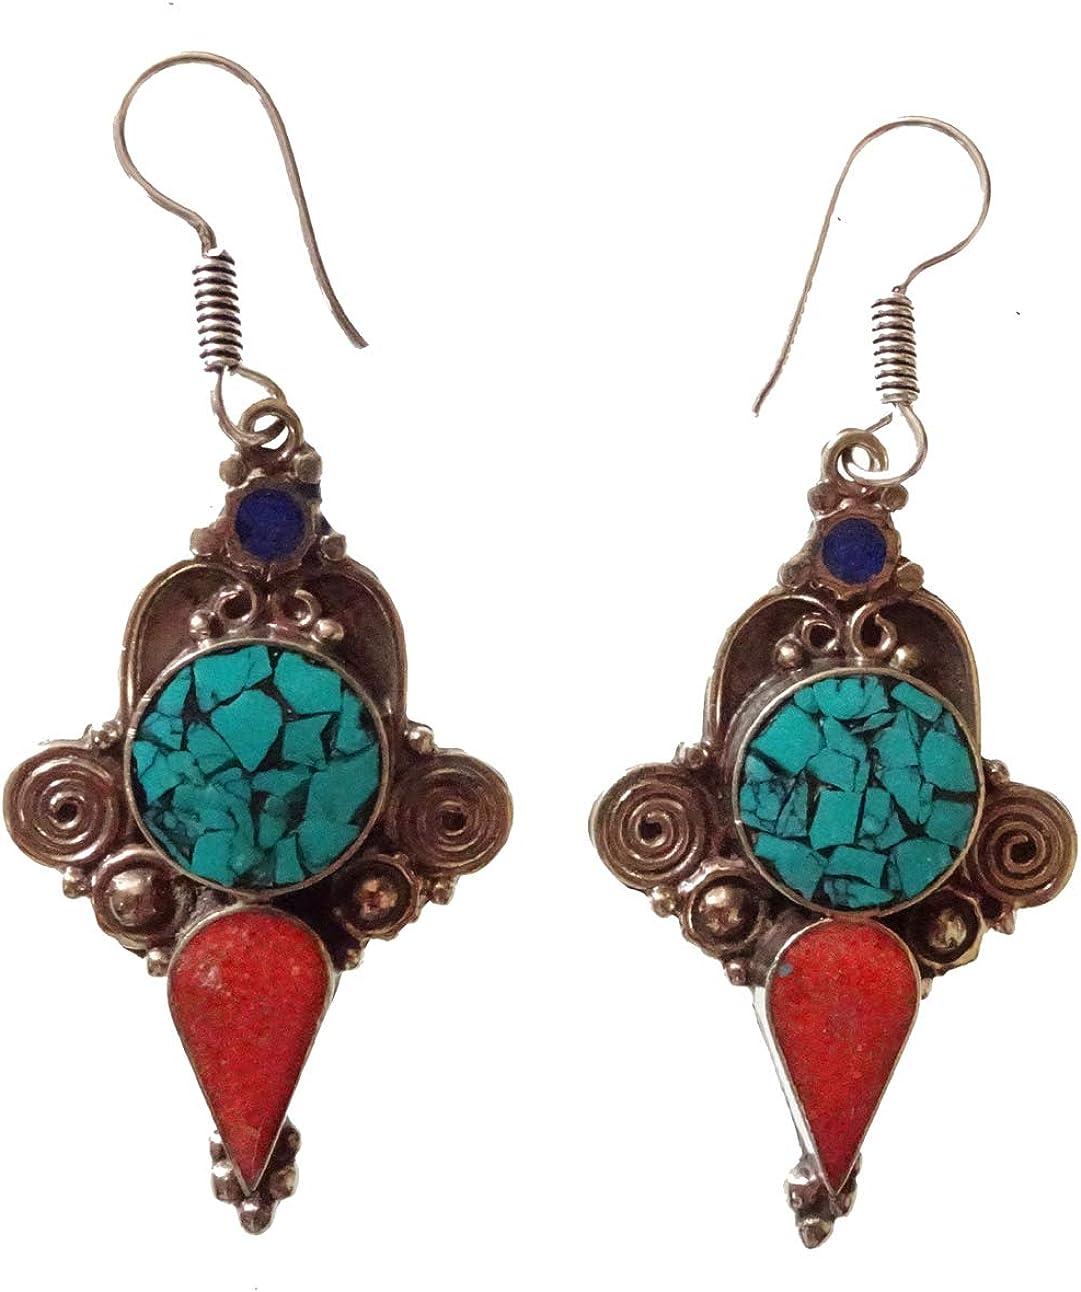 Pendientes para mujer niña hecha a mano de plata tibetana plateada Boho Étnicas piedras preciosas antiguas Turquesa Lapis Coral Vintage multicolor budista Pendientes bohemios joyería de moda